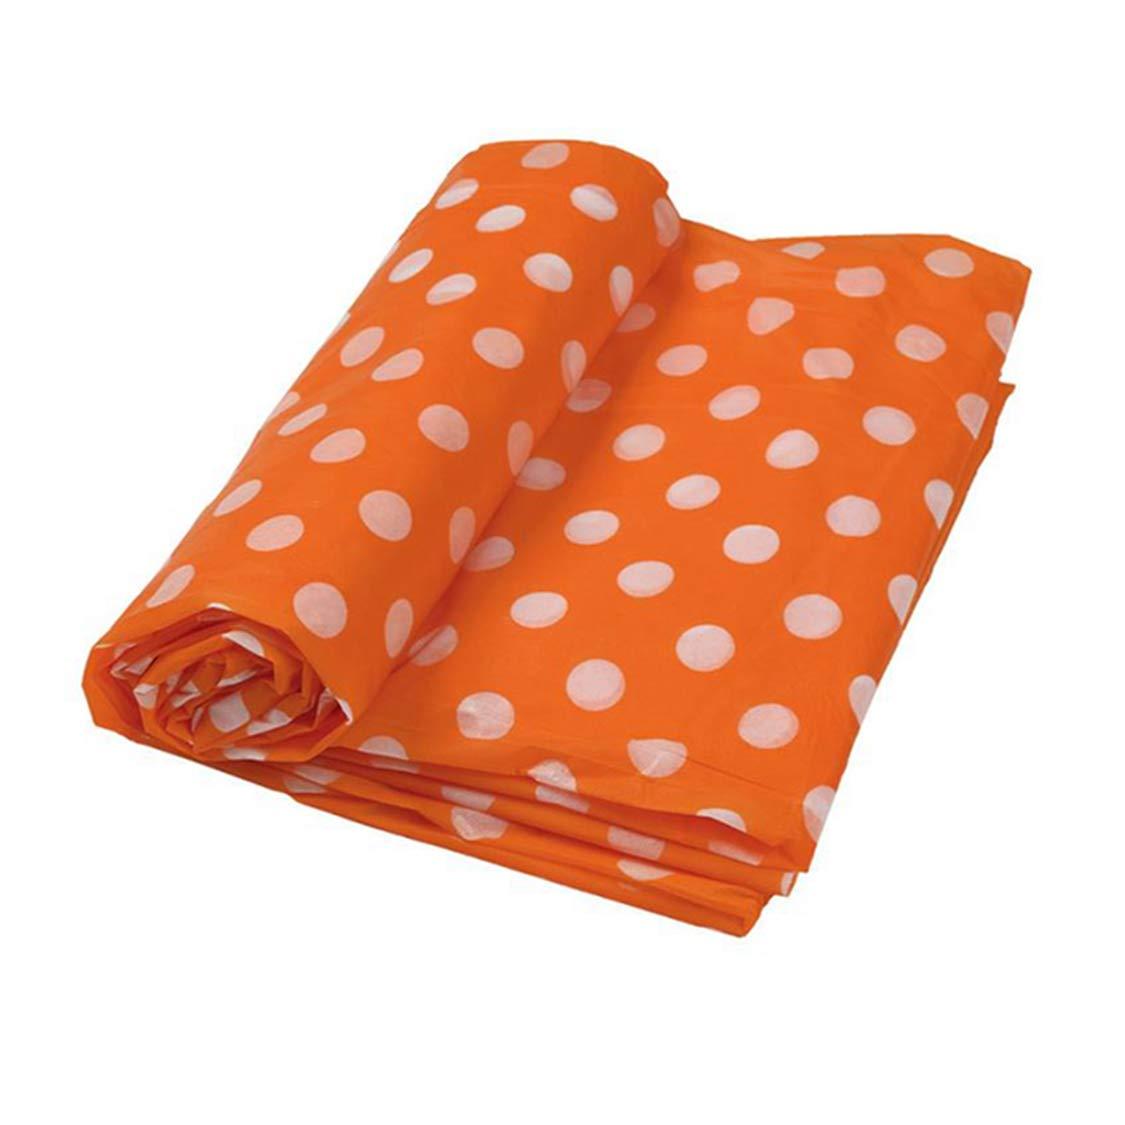 防水耐油性プラスチックテーブルナプキンカバー アウトドアパーティーテーブルウェア ナッペプラスチック製 オレンジ 0525  オレンジ B07H4KBCNV